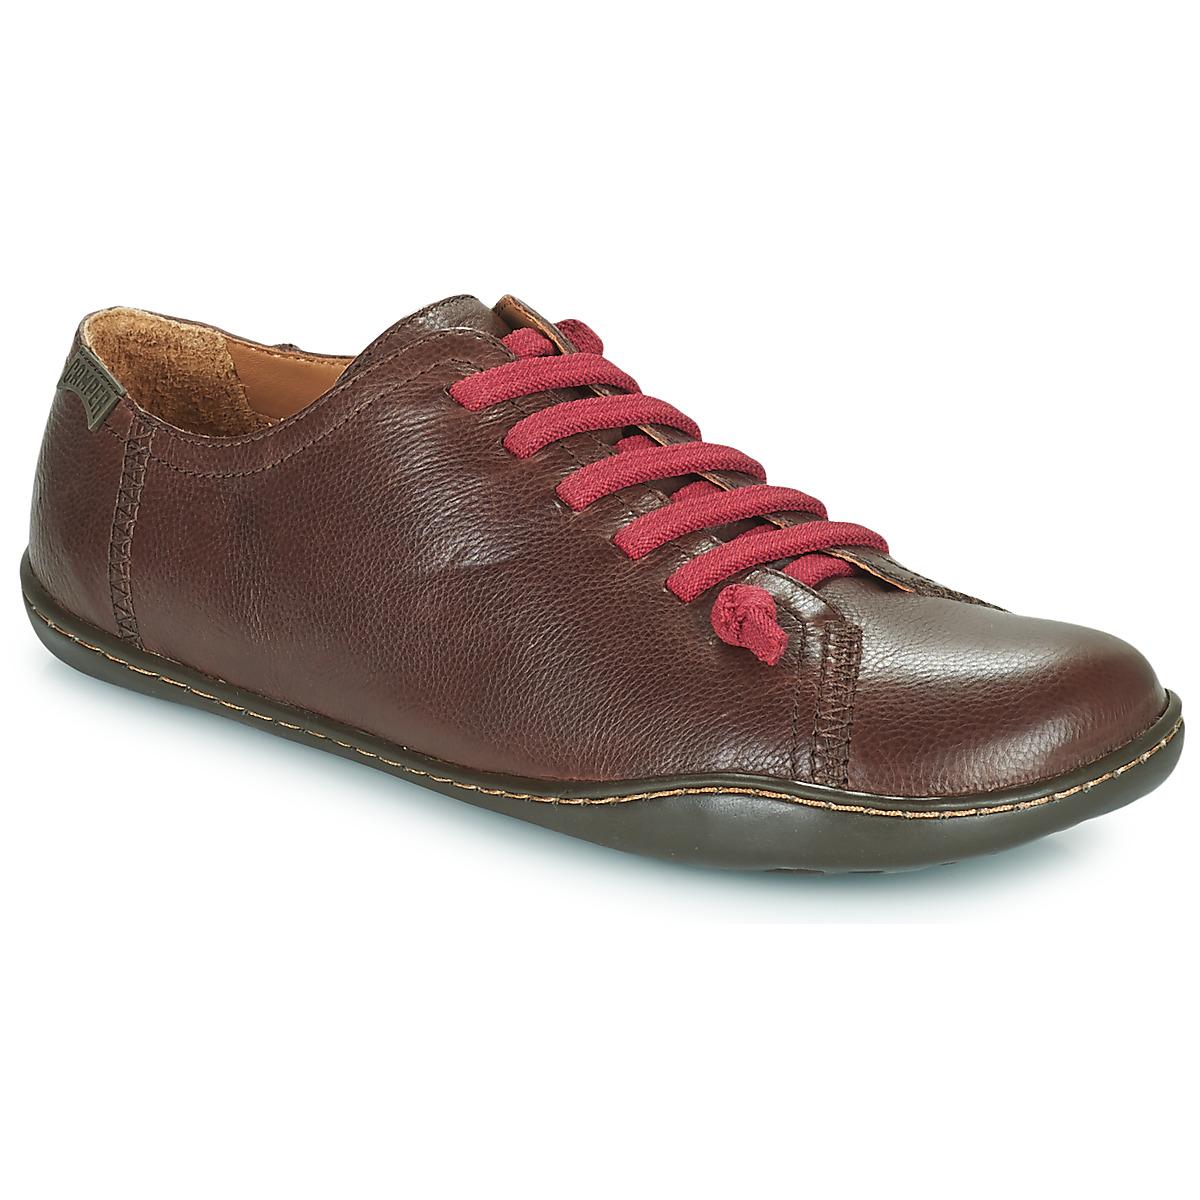 Camper Peu Livraison Avec Gratuite Boots Chaussures zYqw11